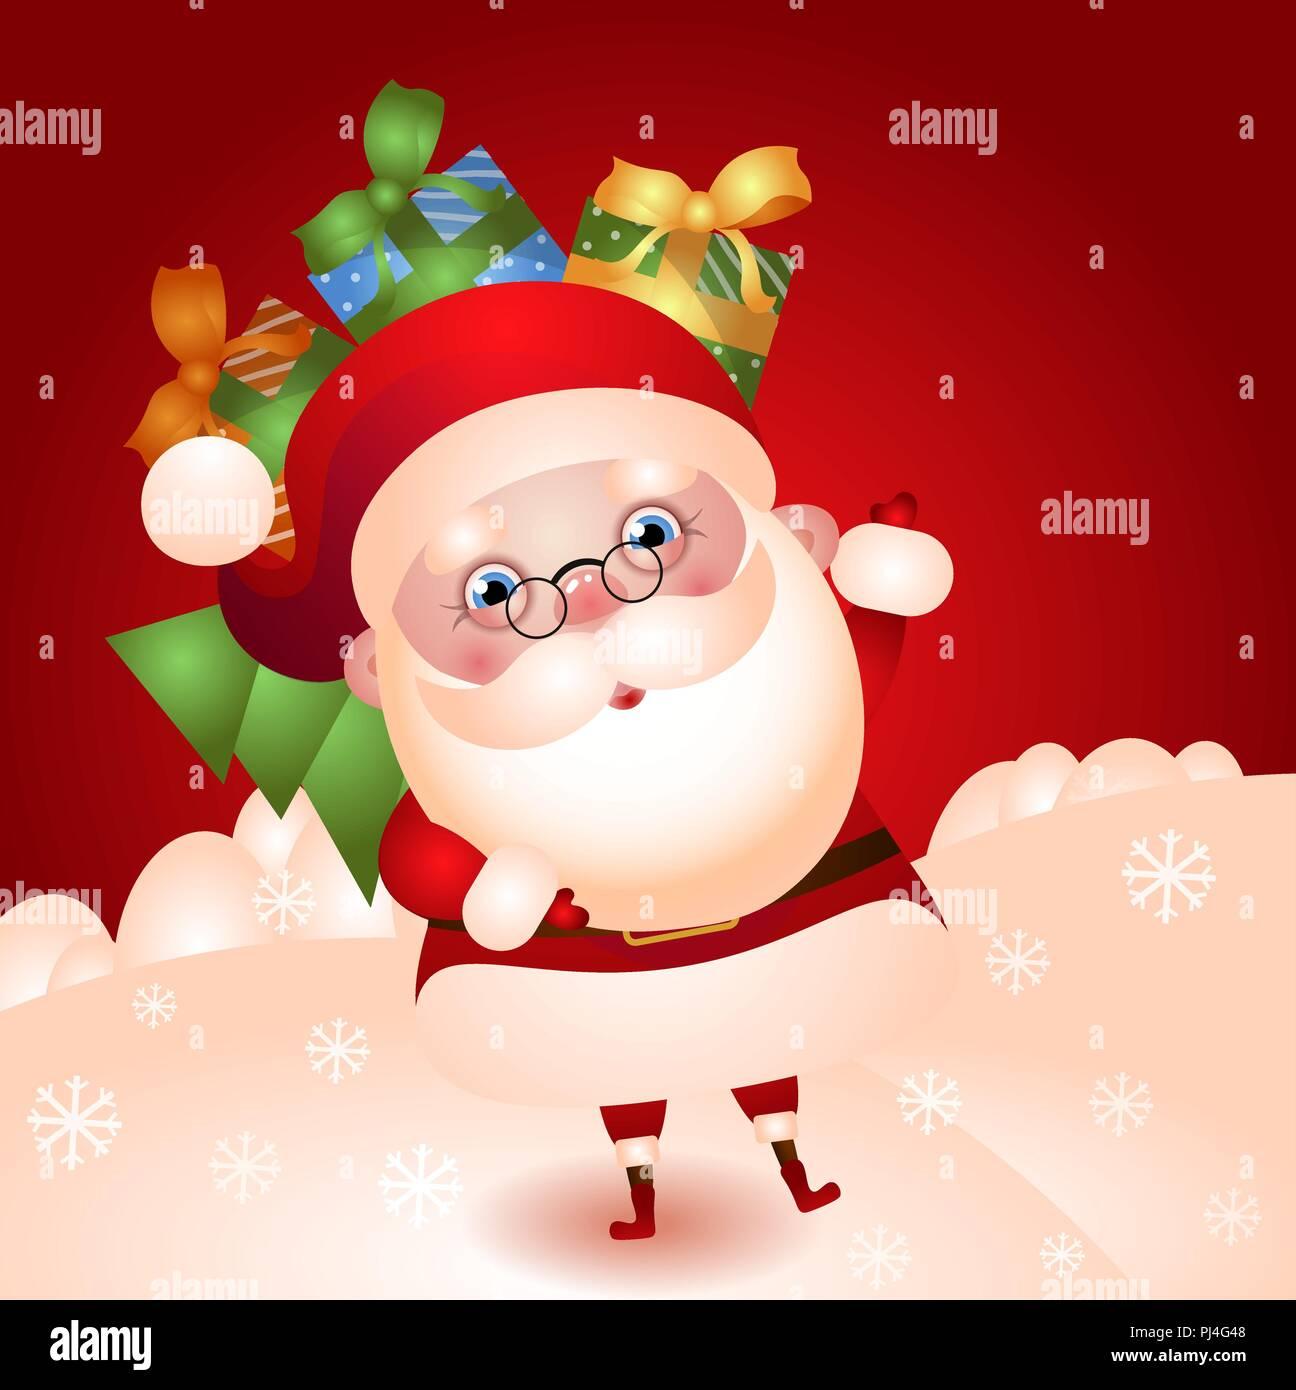 Sfondi Babbo Natale.Albero Di Natale Di Babbo Natale Con Un Sacco Di Doni Su Uno Sfondo Di Colore Rosso Del Campo Innevato Accoglie Immagine E Vettoriale Alamy